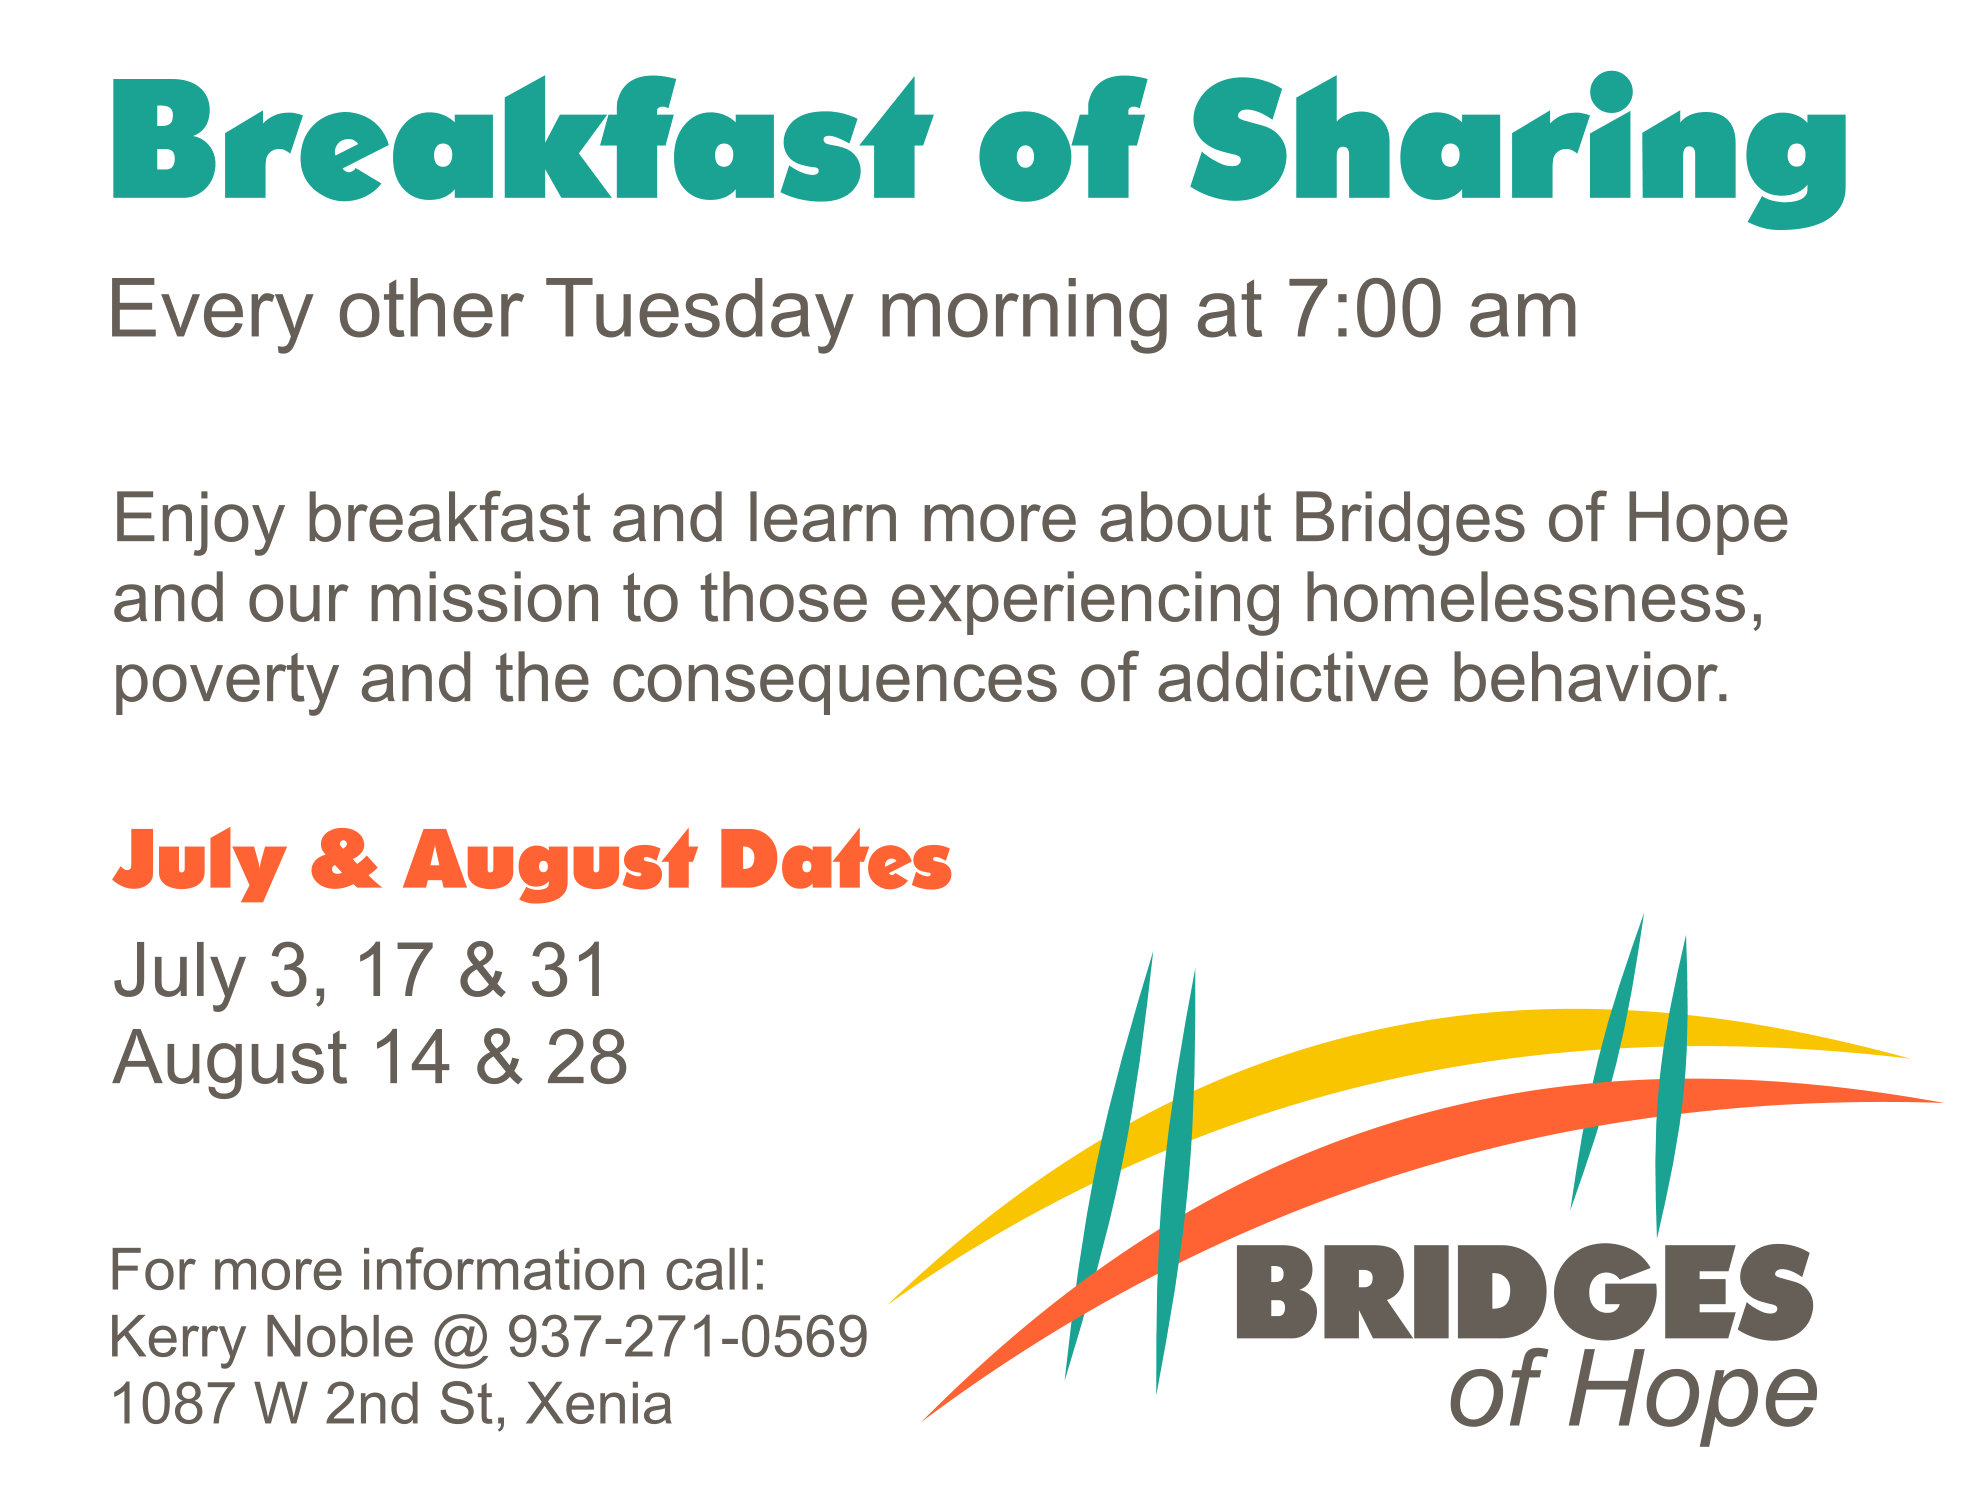 Breakfast of Sharing